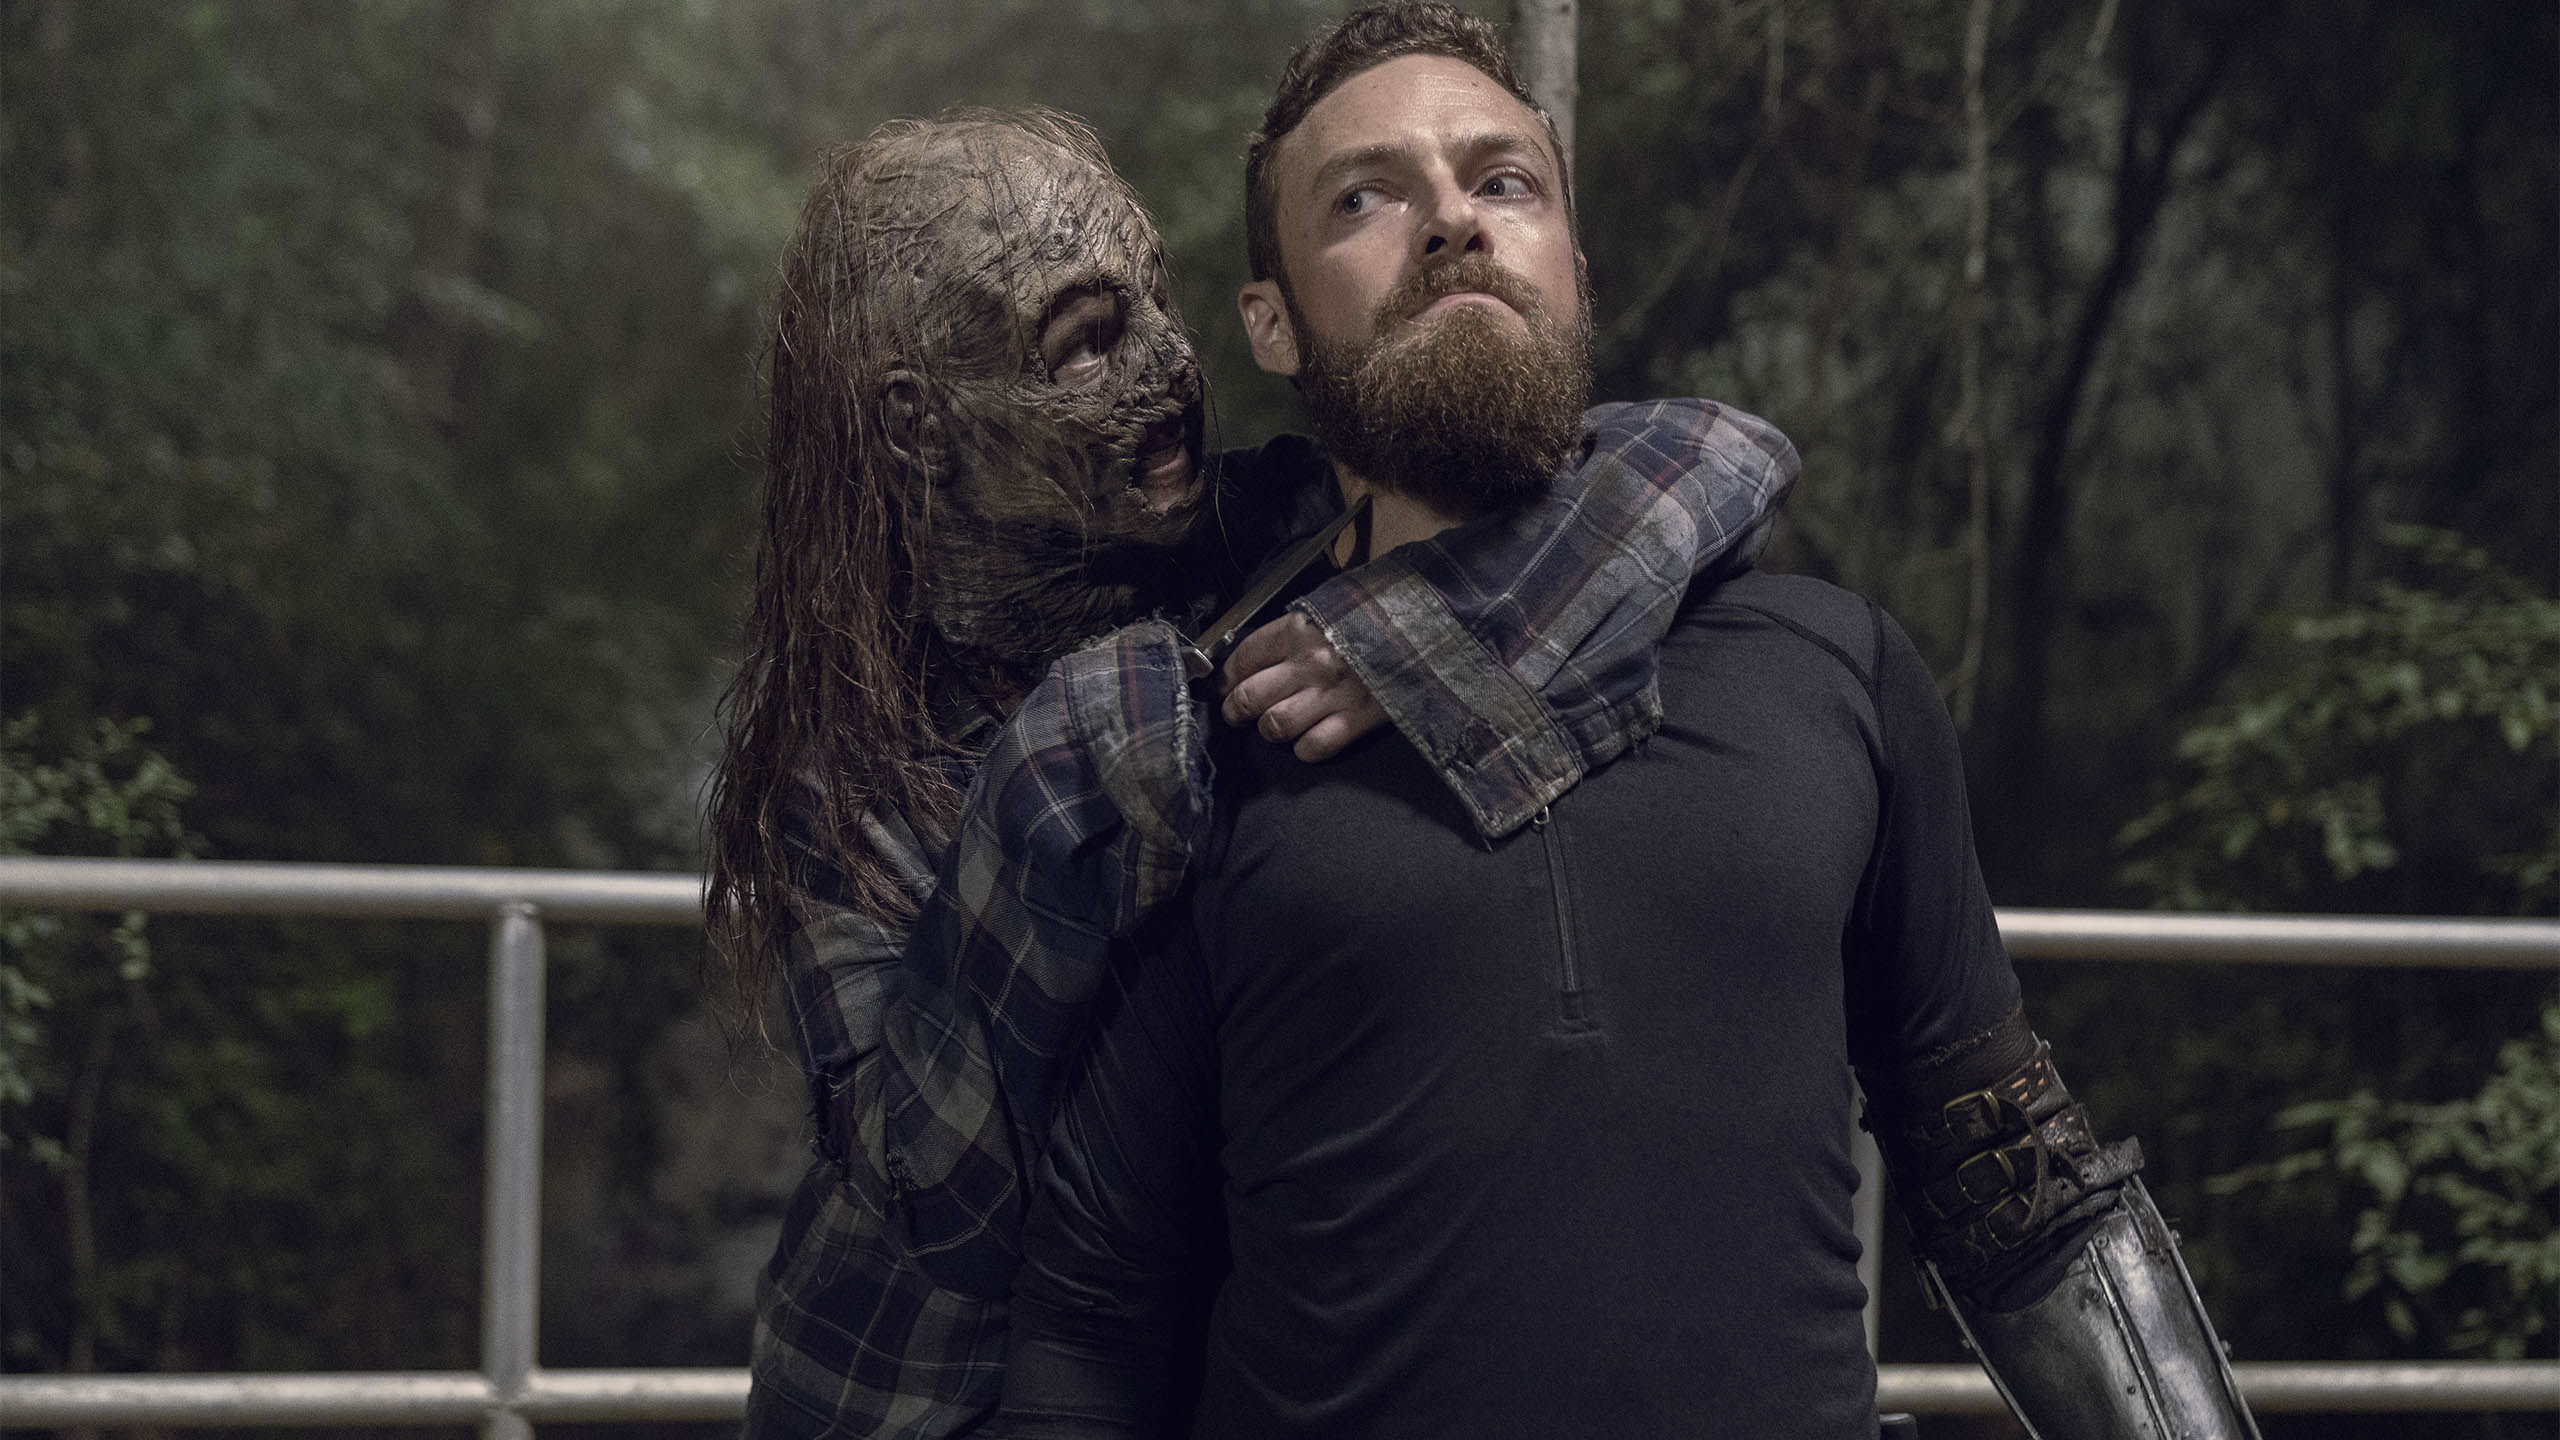 Watch The Walking Dead Season 7 Online Free